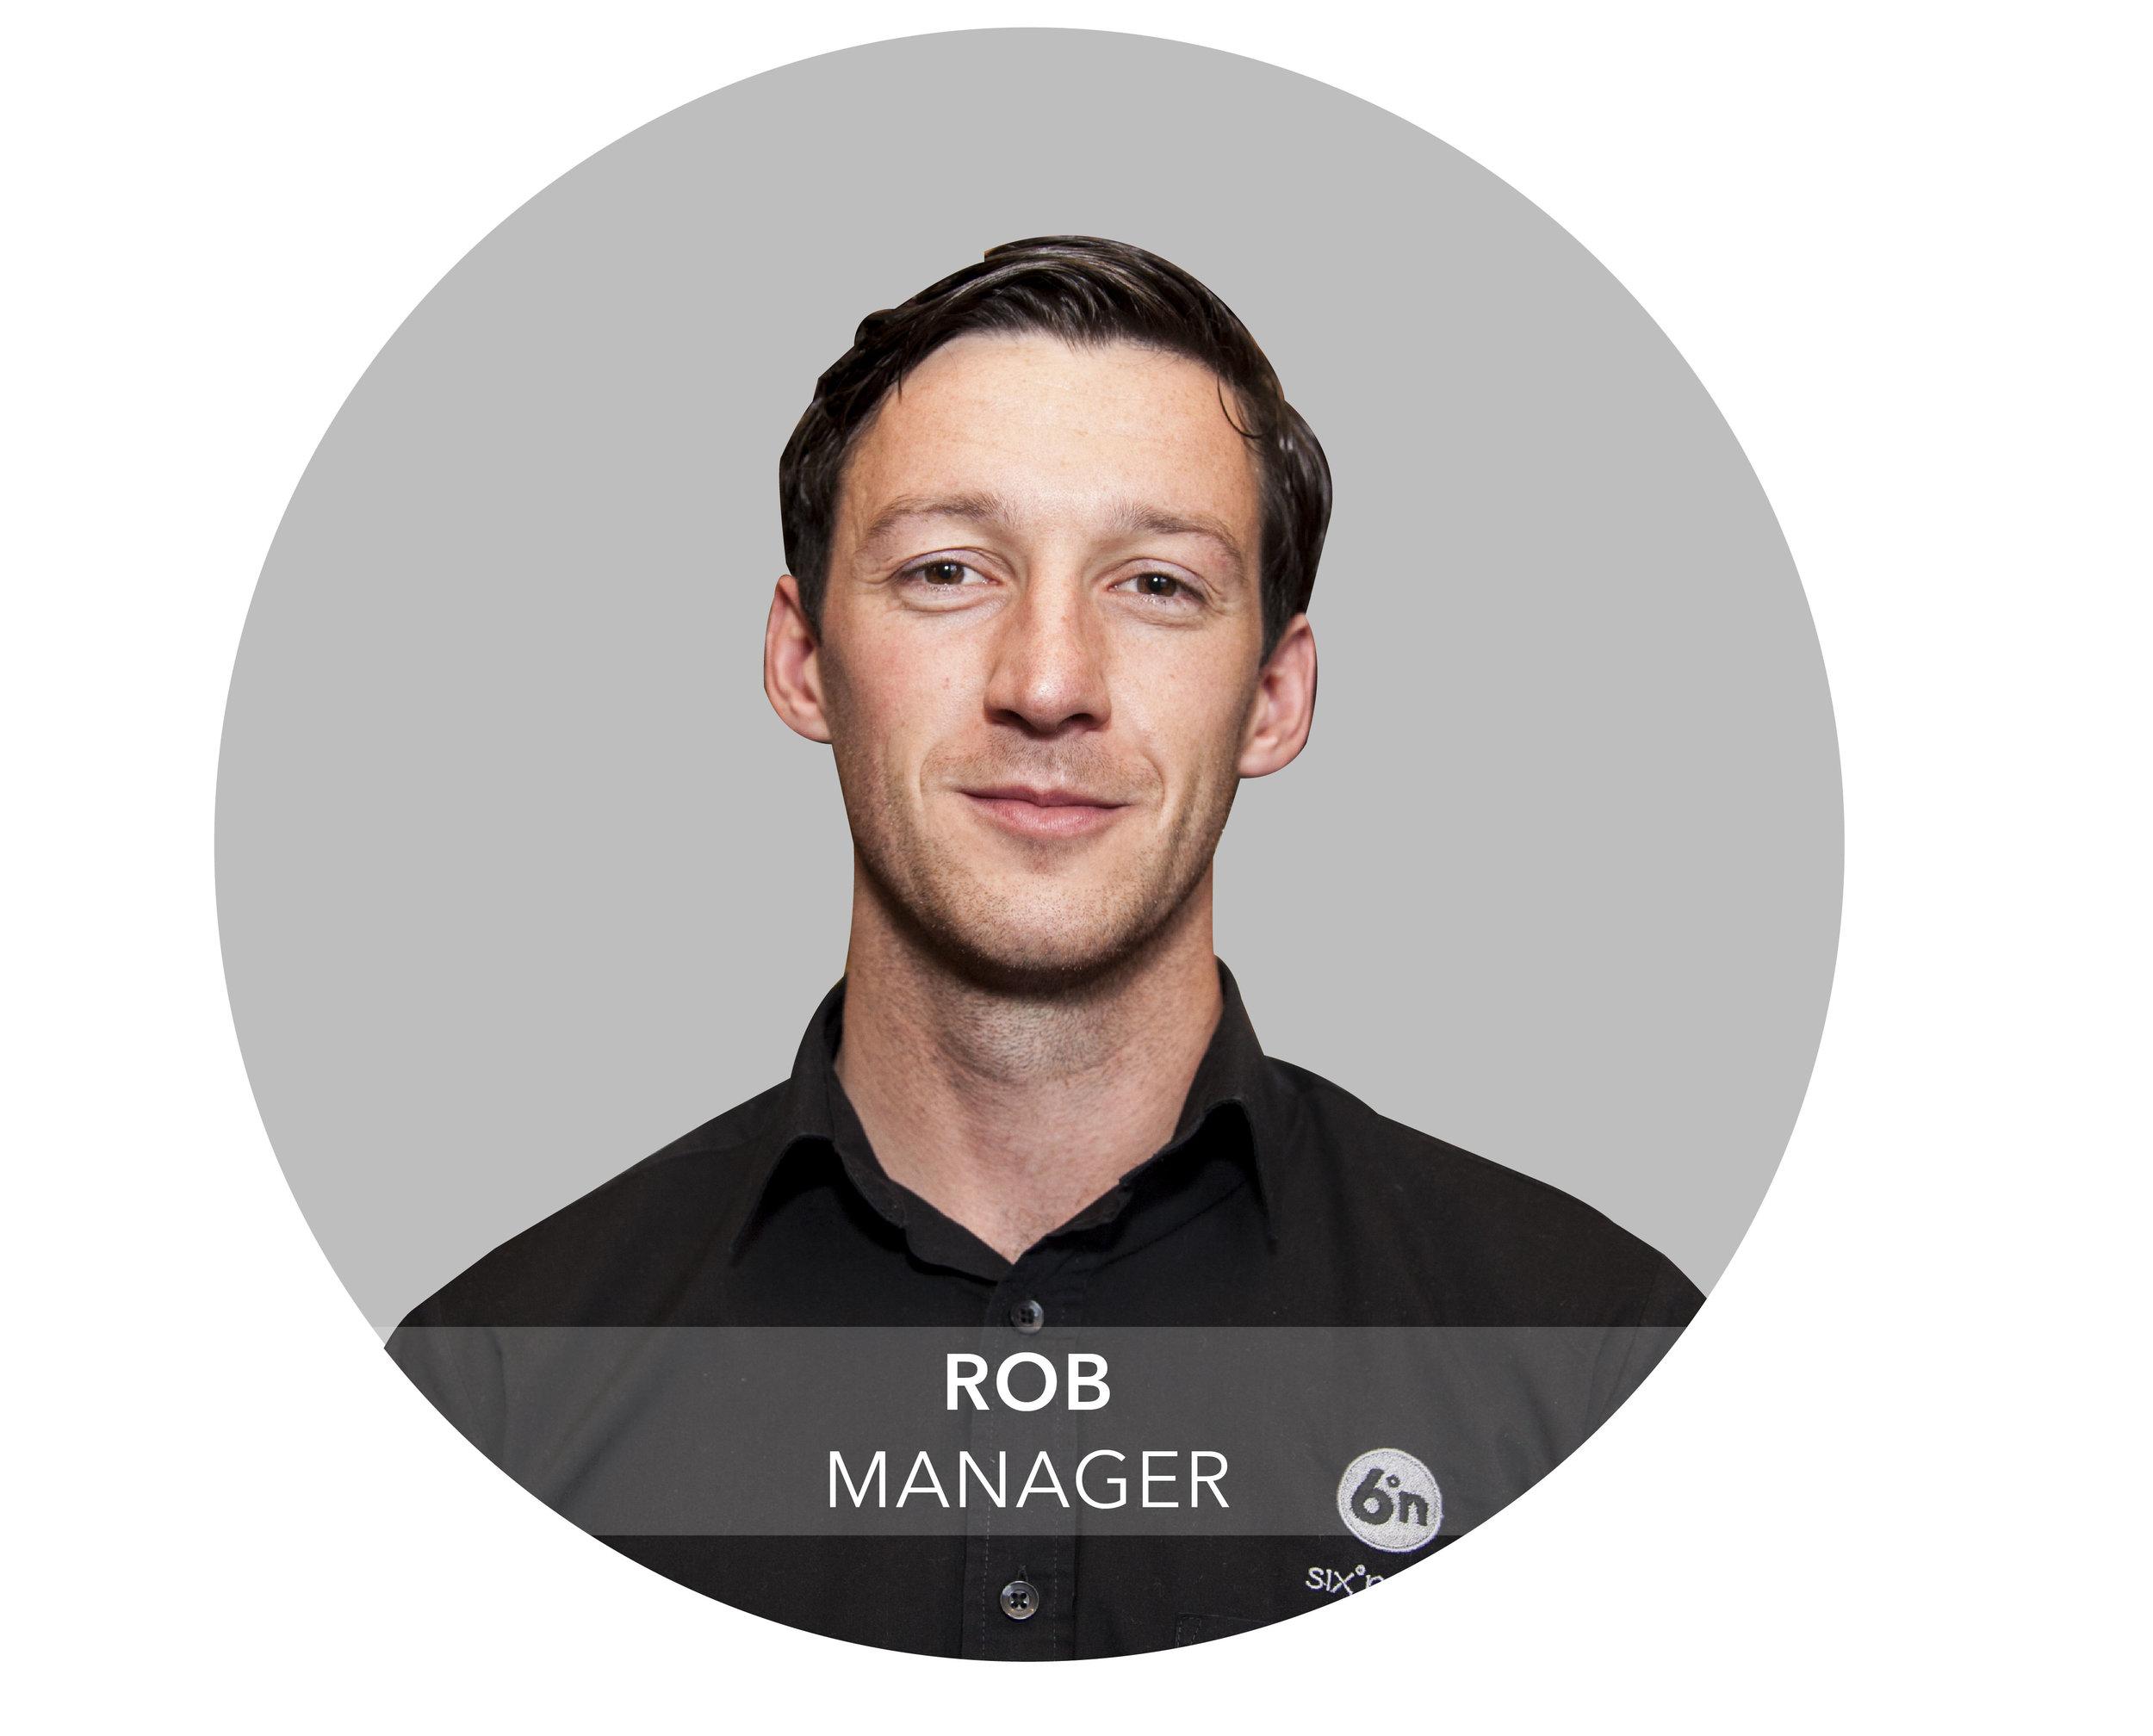 rob edit-01.jpg